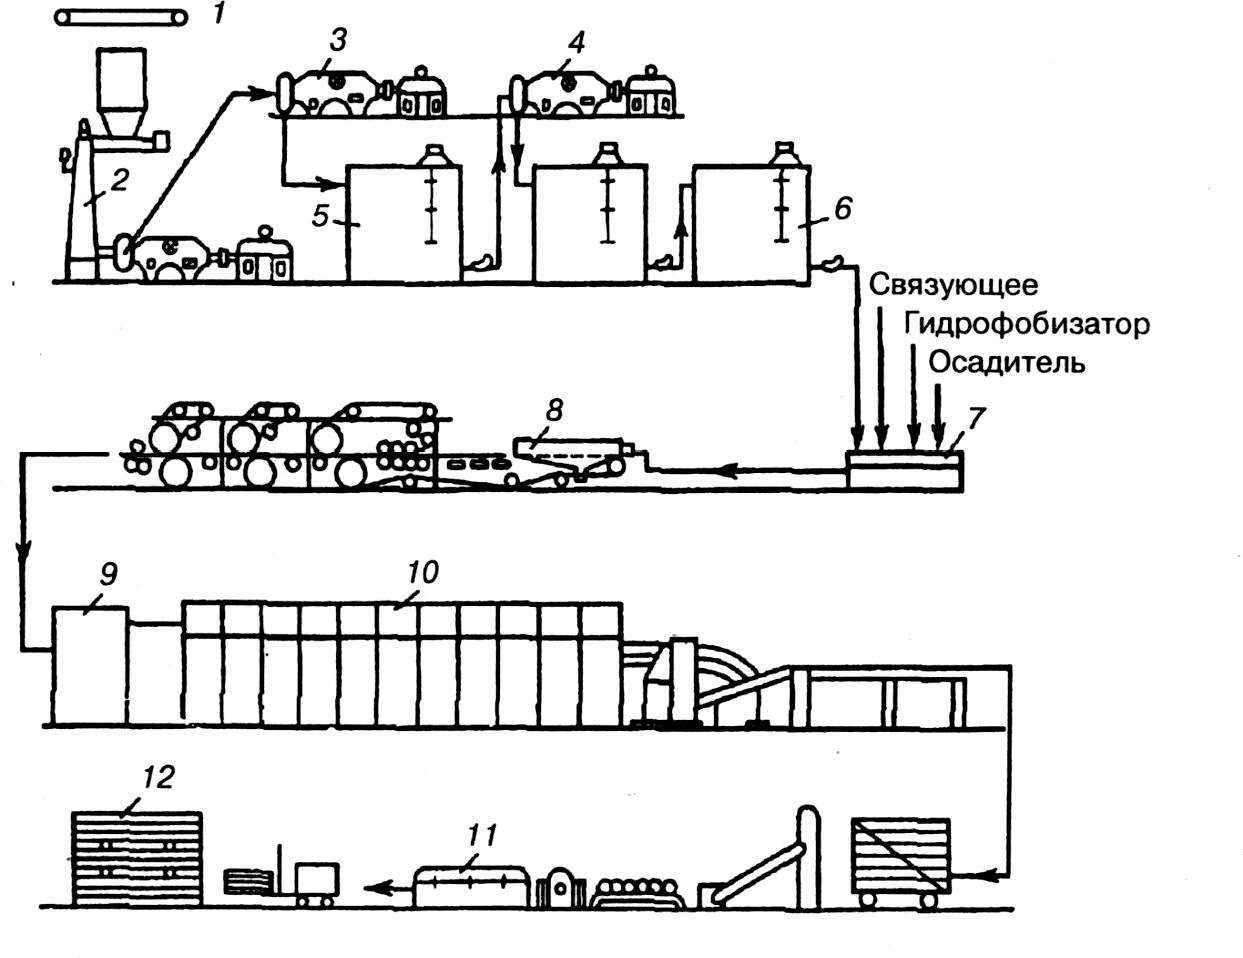 Схема изготовления мягких плит